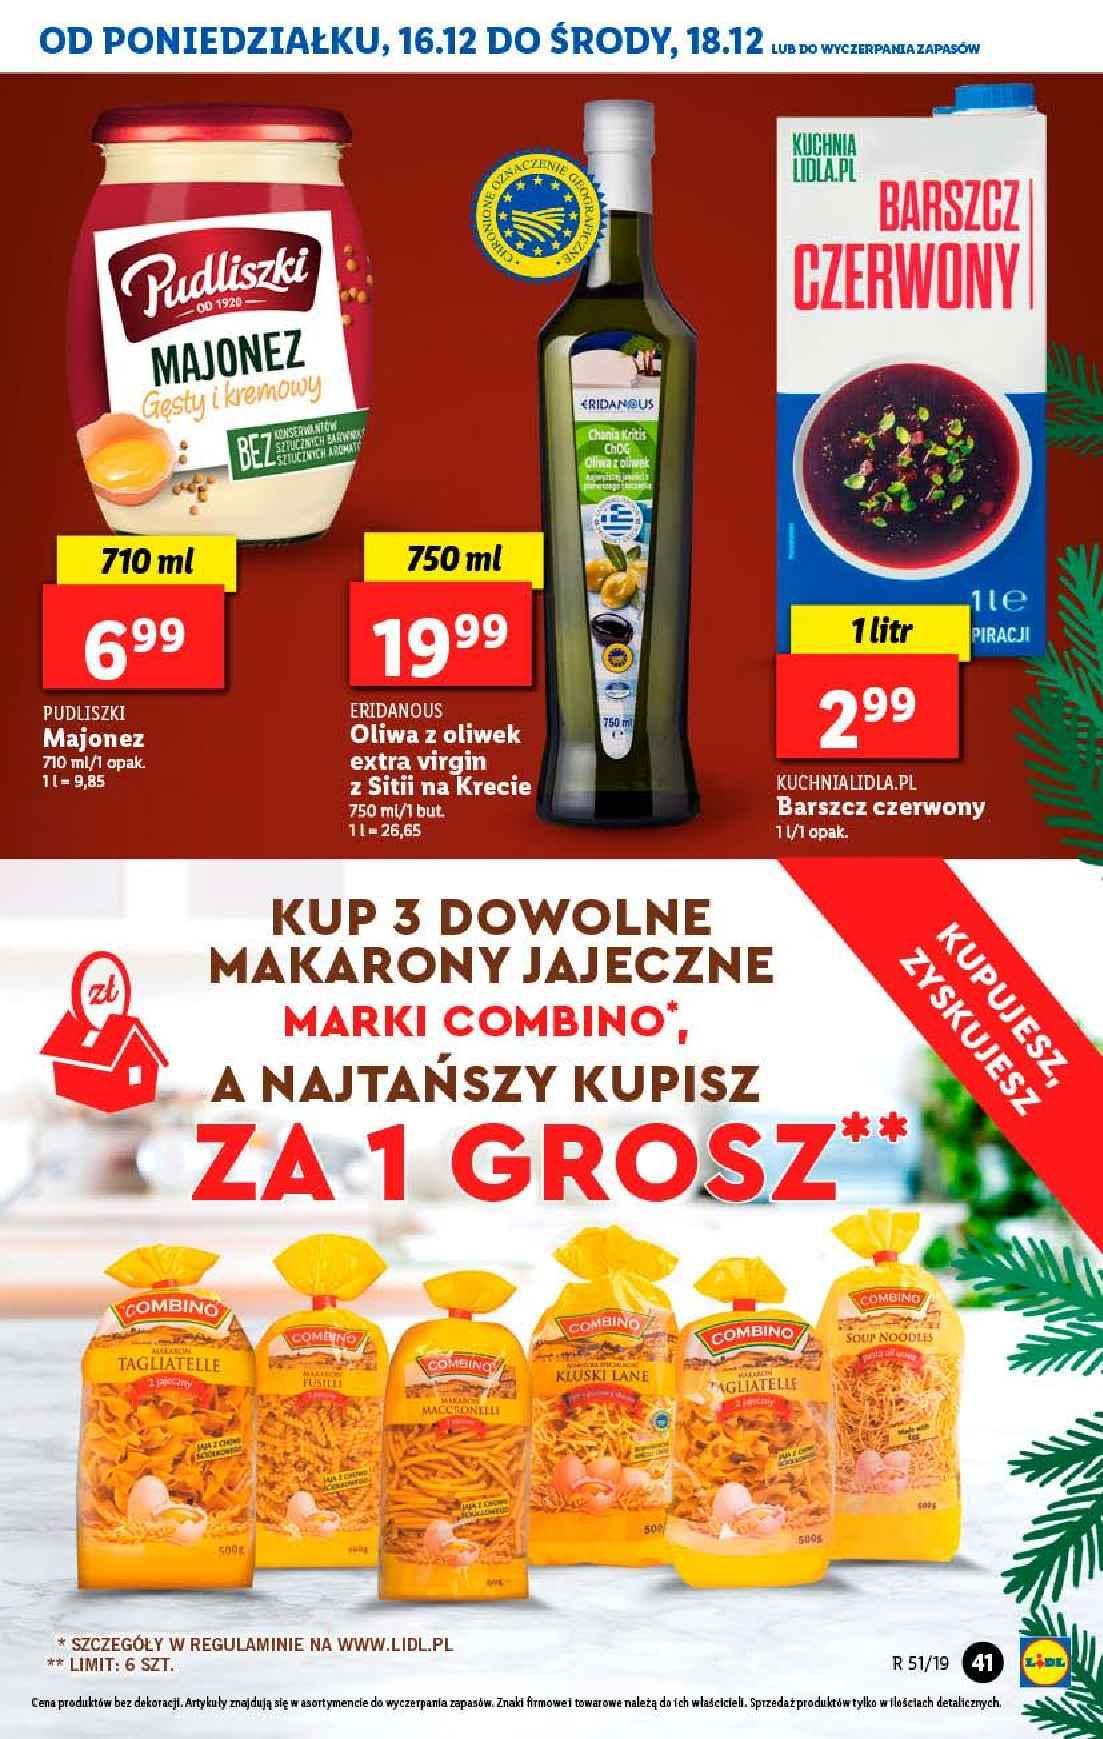 Gazetka promocyjna Lidl do 18/12/2019 str.41